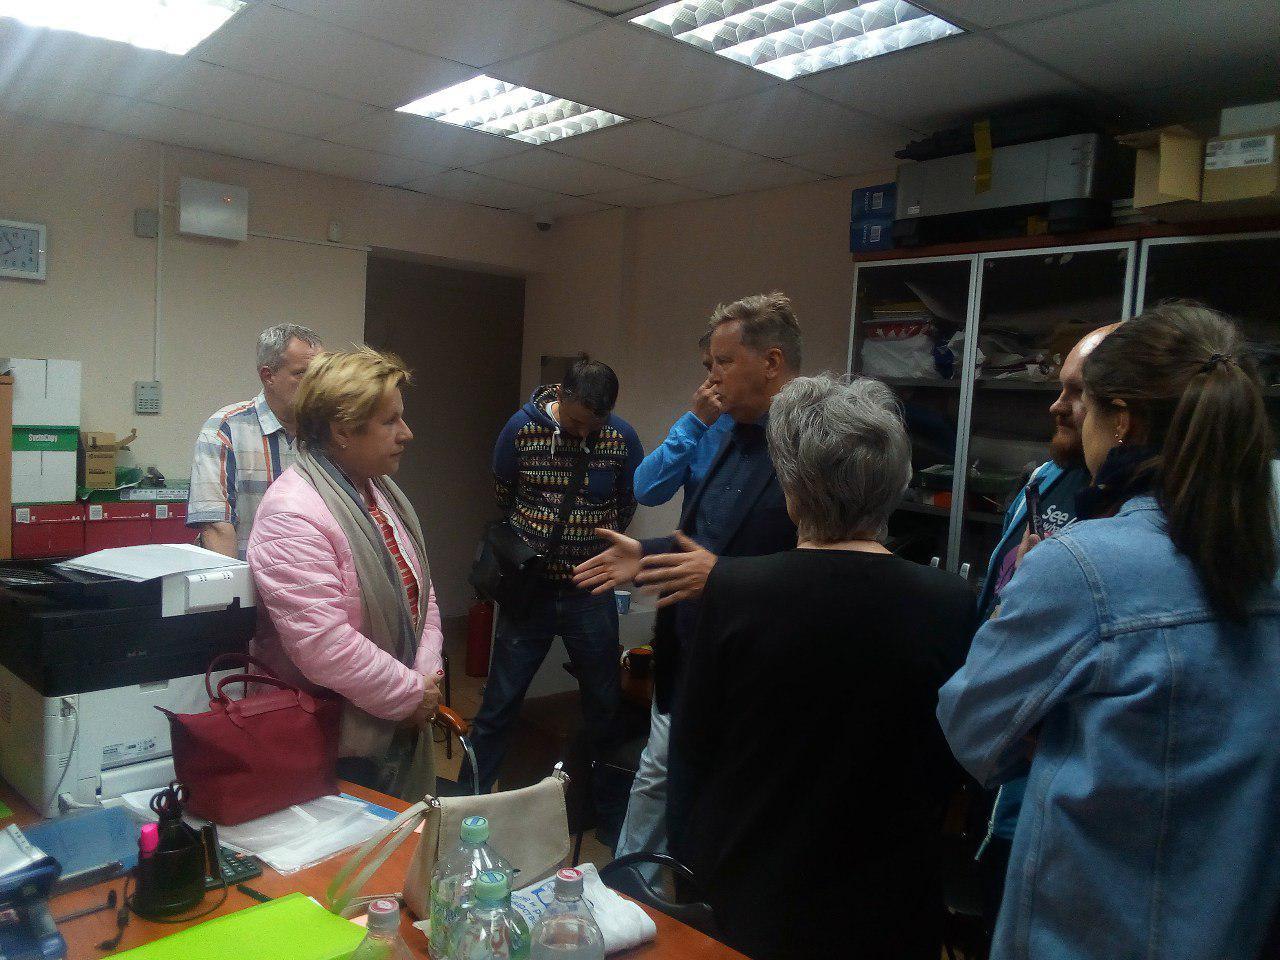 фото ЗакС политика Нилов обратился к Памфиловой по поводу муниципальных выборов в Приморском районе